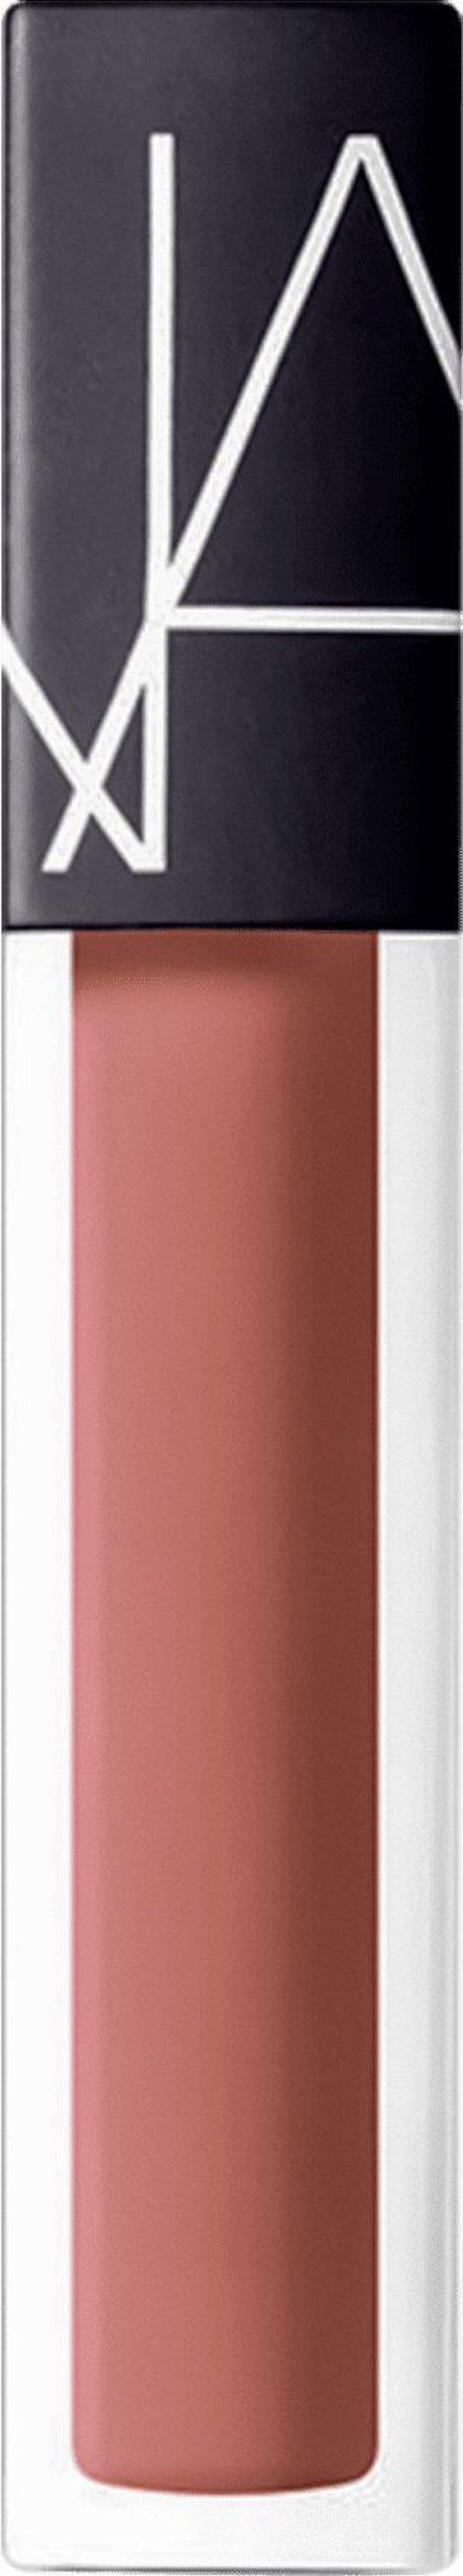 Nars - Gloss Velvet Lip Glide - Xenon